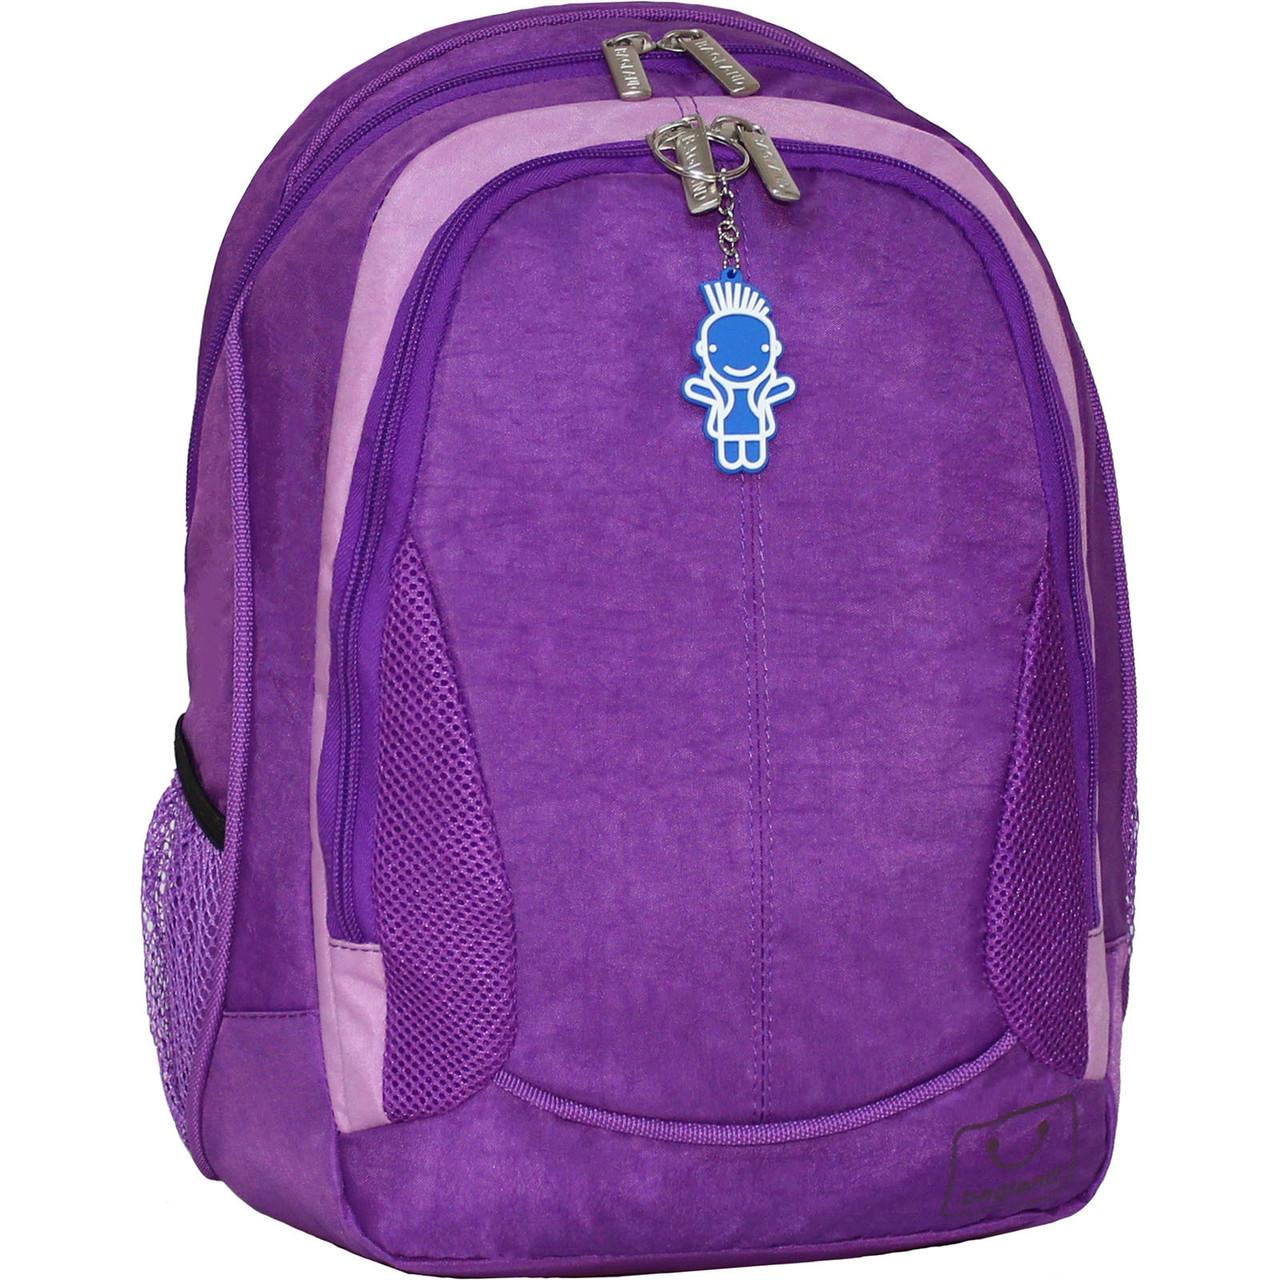 Украина Рюкзак Bagland Странник 17 л. 339 фиолетовый/бузковый (0058470)